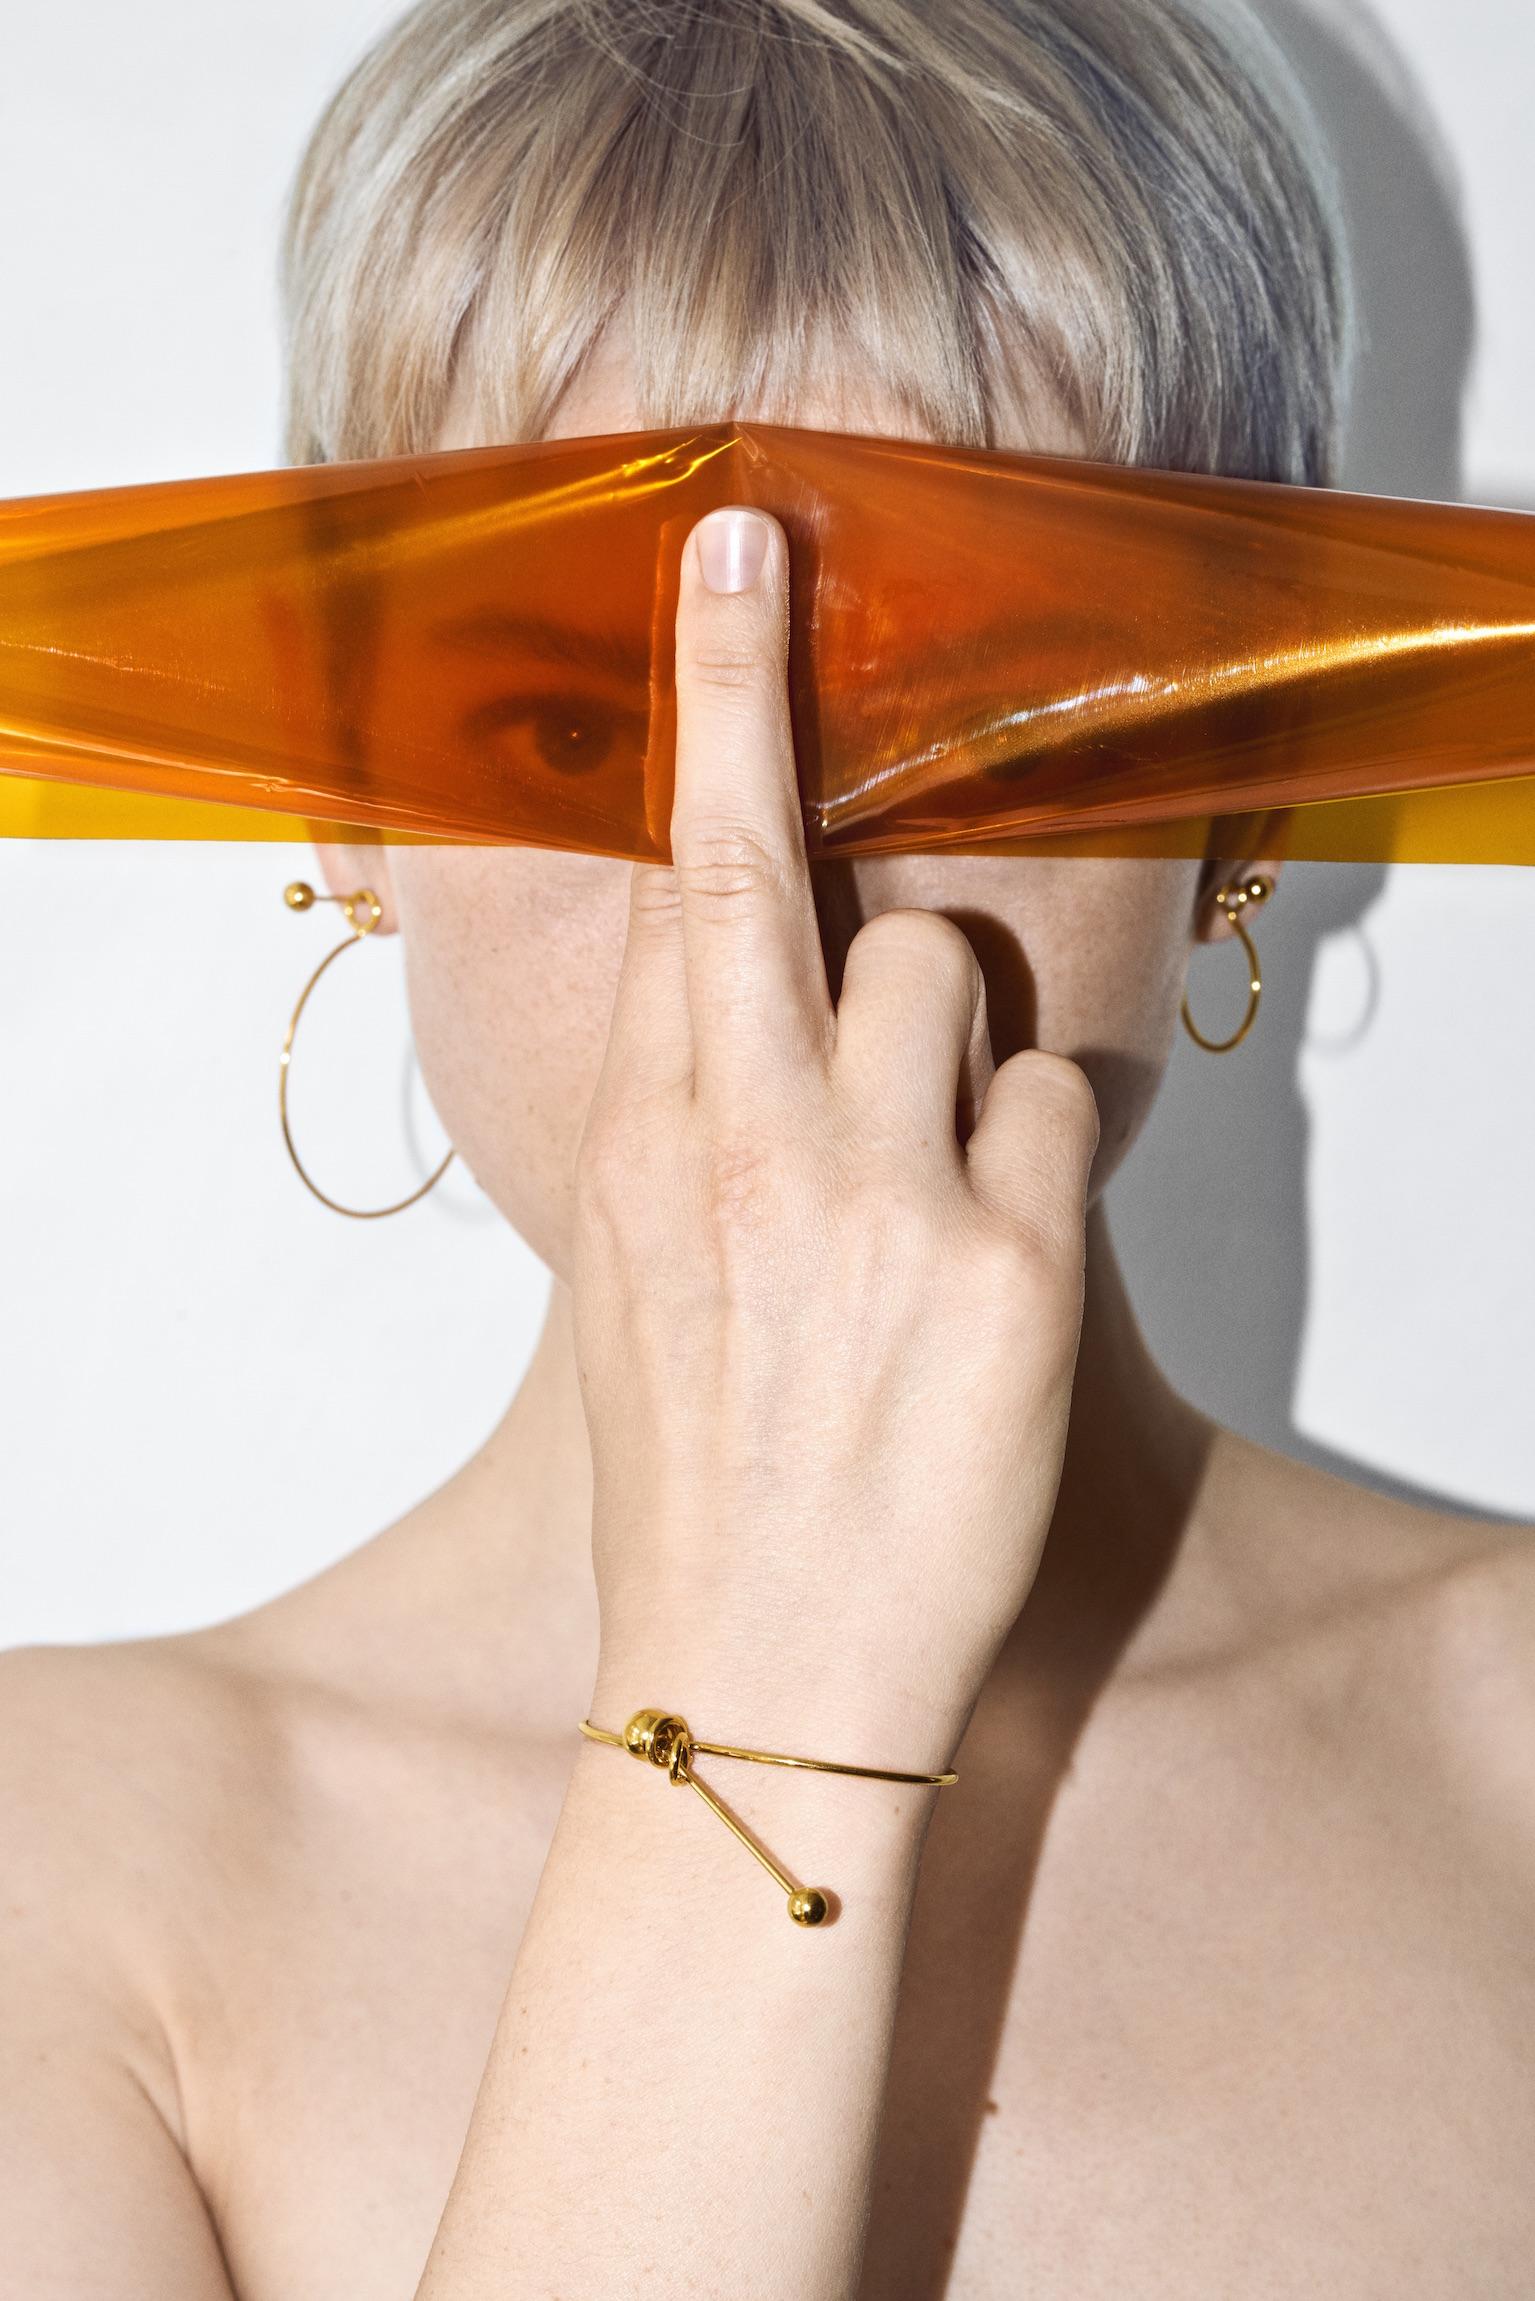 TheJewelleryRoom-VibeHarsloef-Fine-jewelry-31.jpg